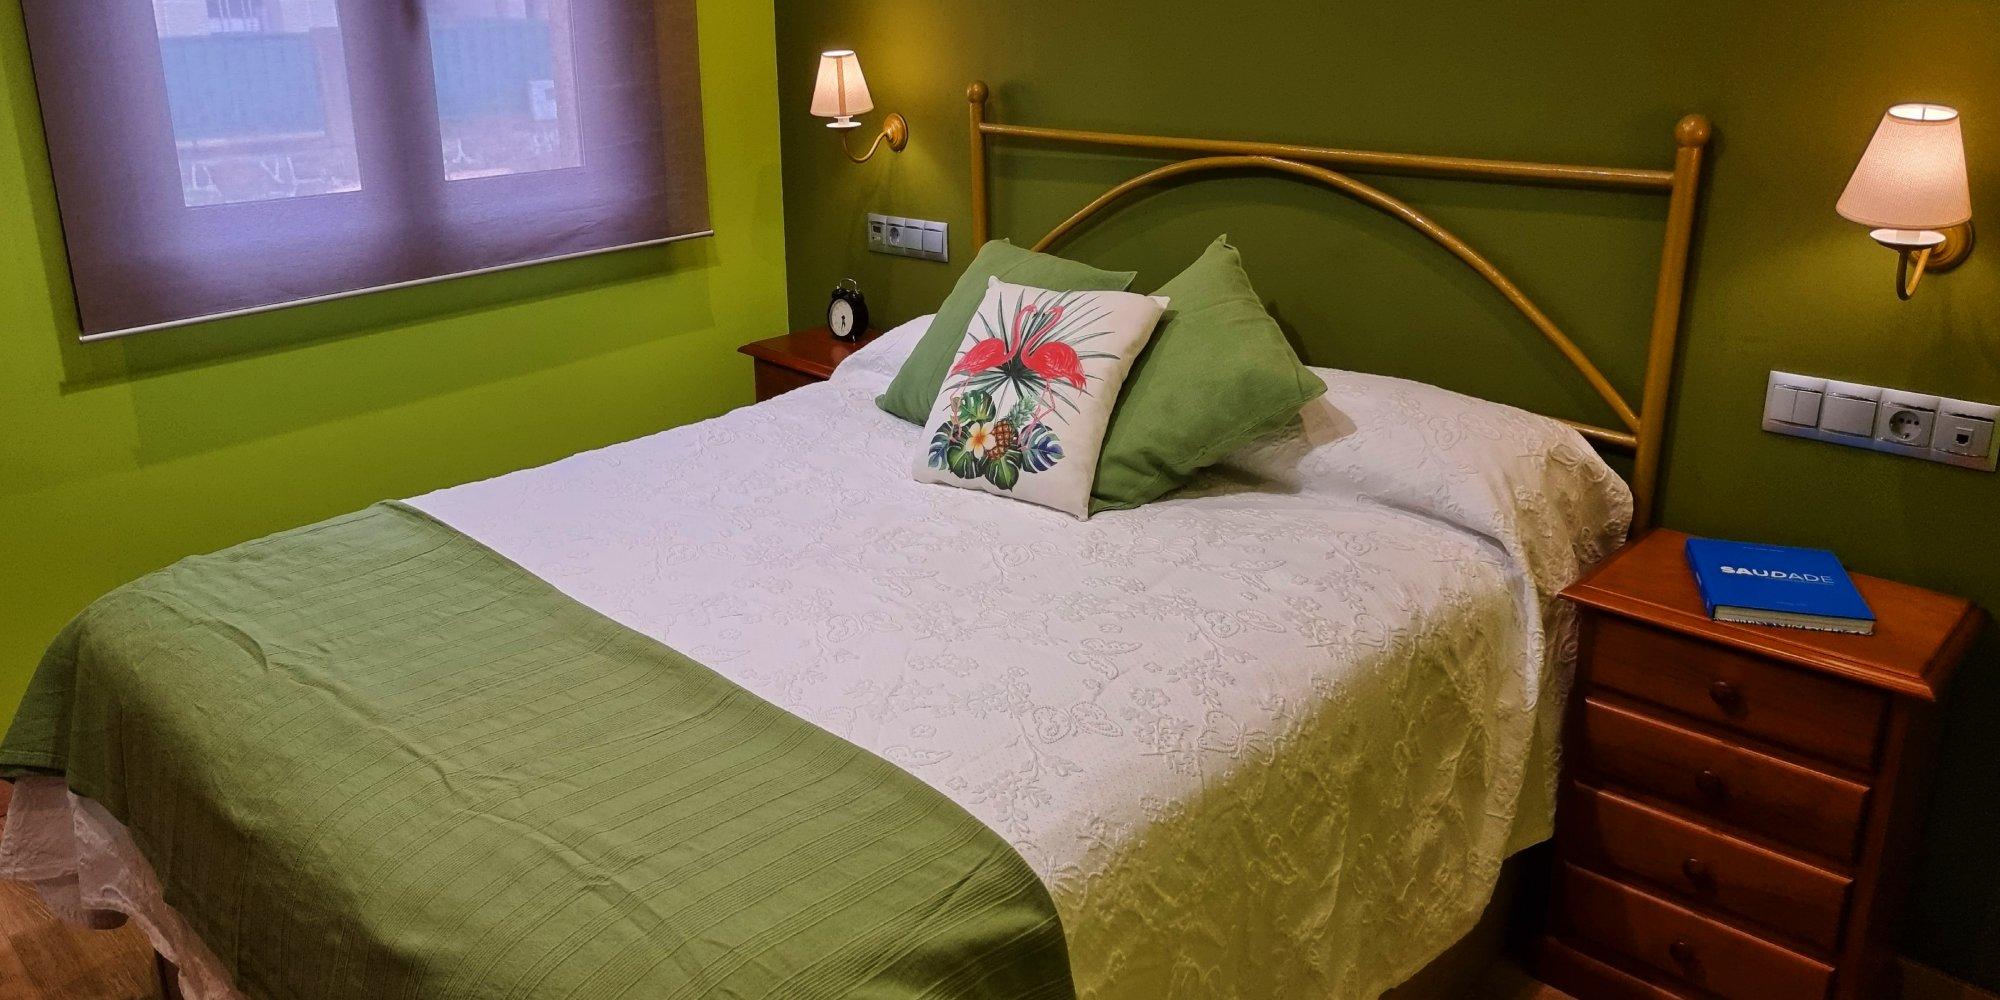 cama-dormitorio-casaomillon